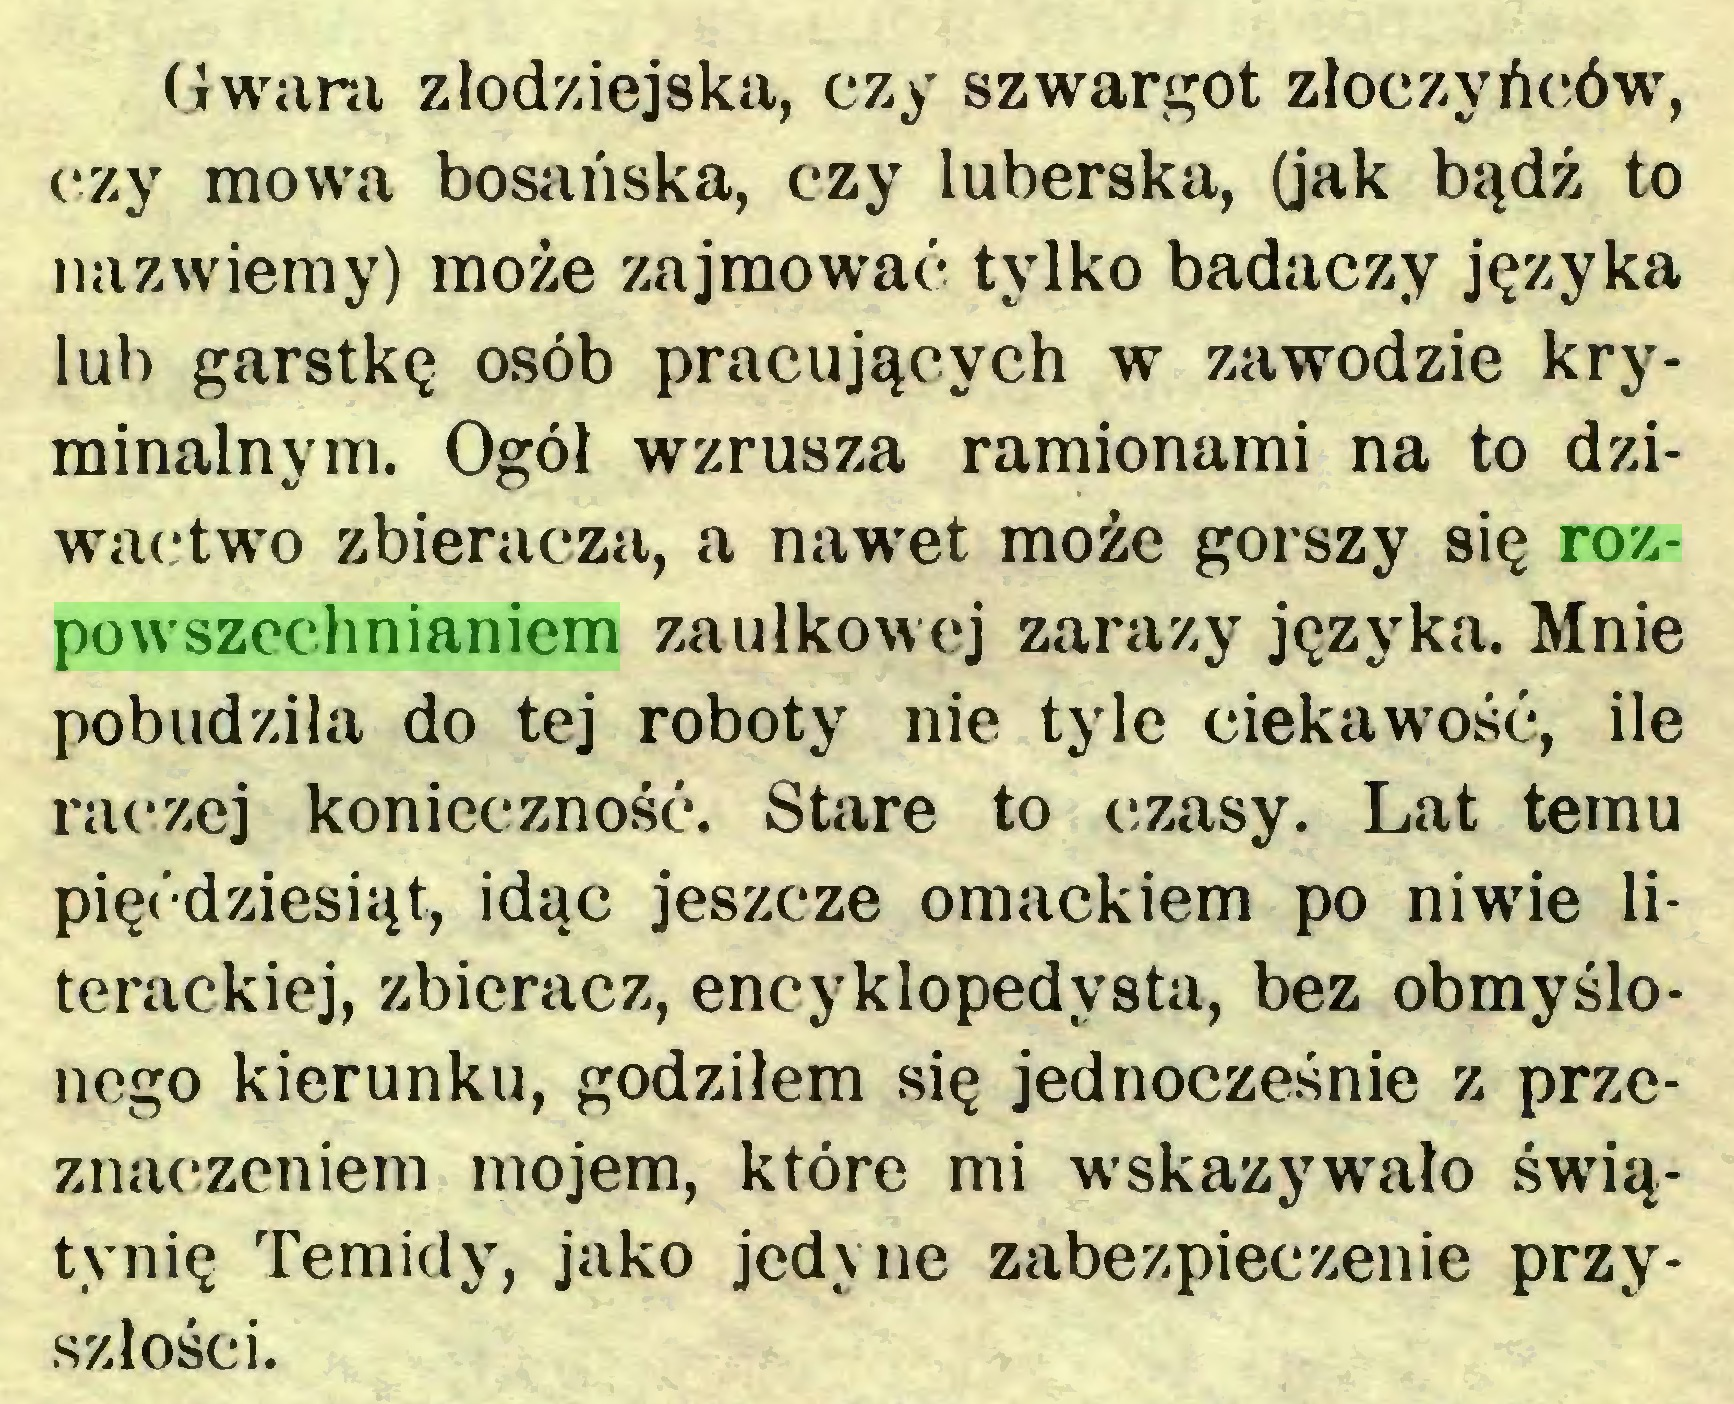 (...) Gwara złodziejska, czy szwargot złoczyńców, czy mowa bosańska, czy luberska, (jak bądź to nazwiemy) może zajmować tylko badaczy języka lub garstkę osób pracujących w zawodzie kryminalnym. Ogól wzrusza ramionami na to dziwactwo zbieracza, a nawet może gorszy się rozpowszechnianiem zaułkowej zarazy języka. Mnie pobudziła do tej roboty nie tyle ciekawość, ile raczej konieczność. Stare to czasy. Lat temu pięćdziesiąt, idąc jeszcze omackiem po niwie literackiej, zbieracz, encyklopedysta, bez obmyślonego kierunku, godziłem się jednocześnie z przeznaczeniem mojem, które mi wskazywało świątynię Temidy, jako jedyne zabezpieczenie przyszłości...